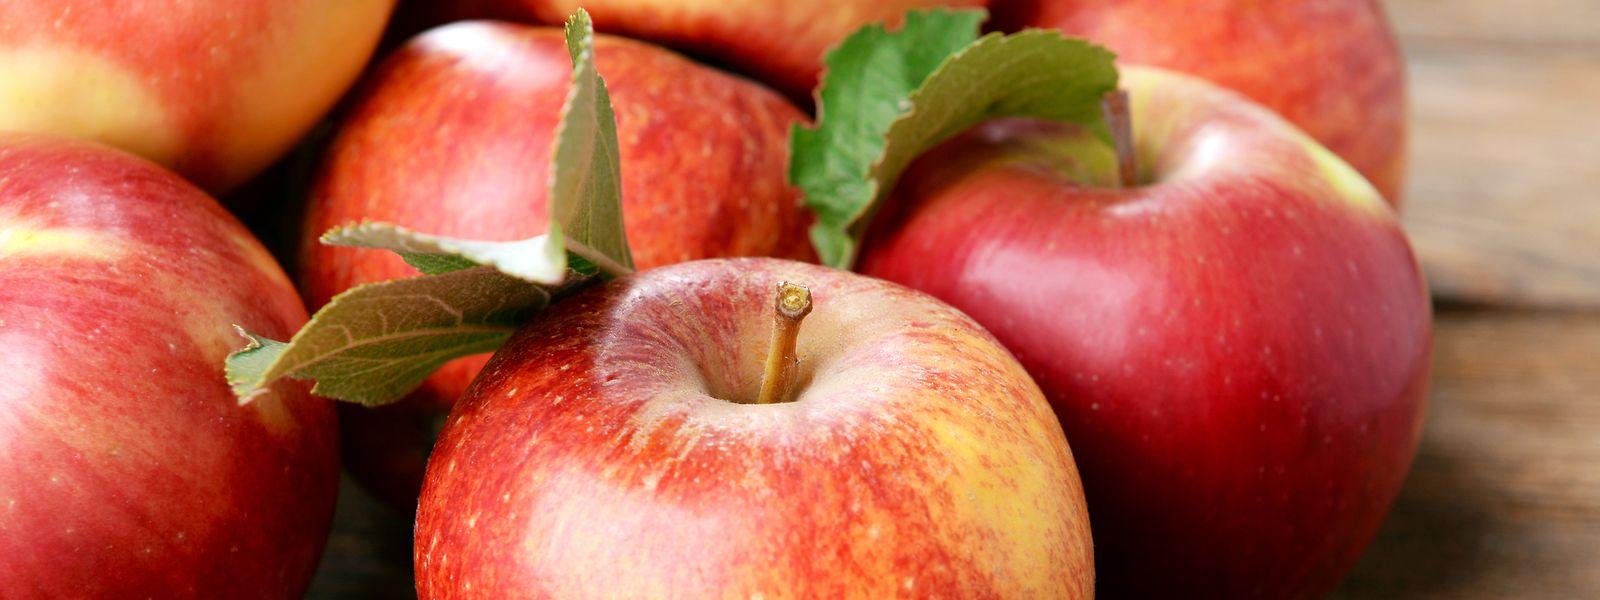 Das sogenannte Schouluebstprogramm soll dabei helfen, dass Kinder und Jugendliche öfters mal zu Äpfeln und anderem Obst greifen – weggeworfen wird dabei nichts.